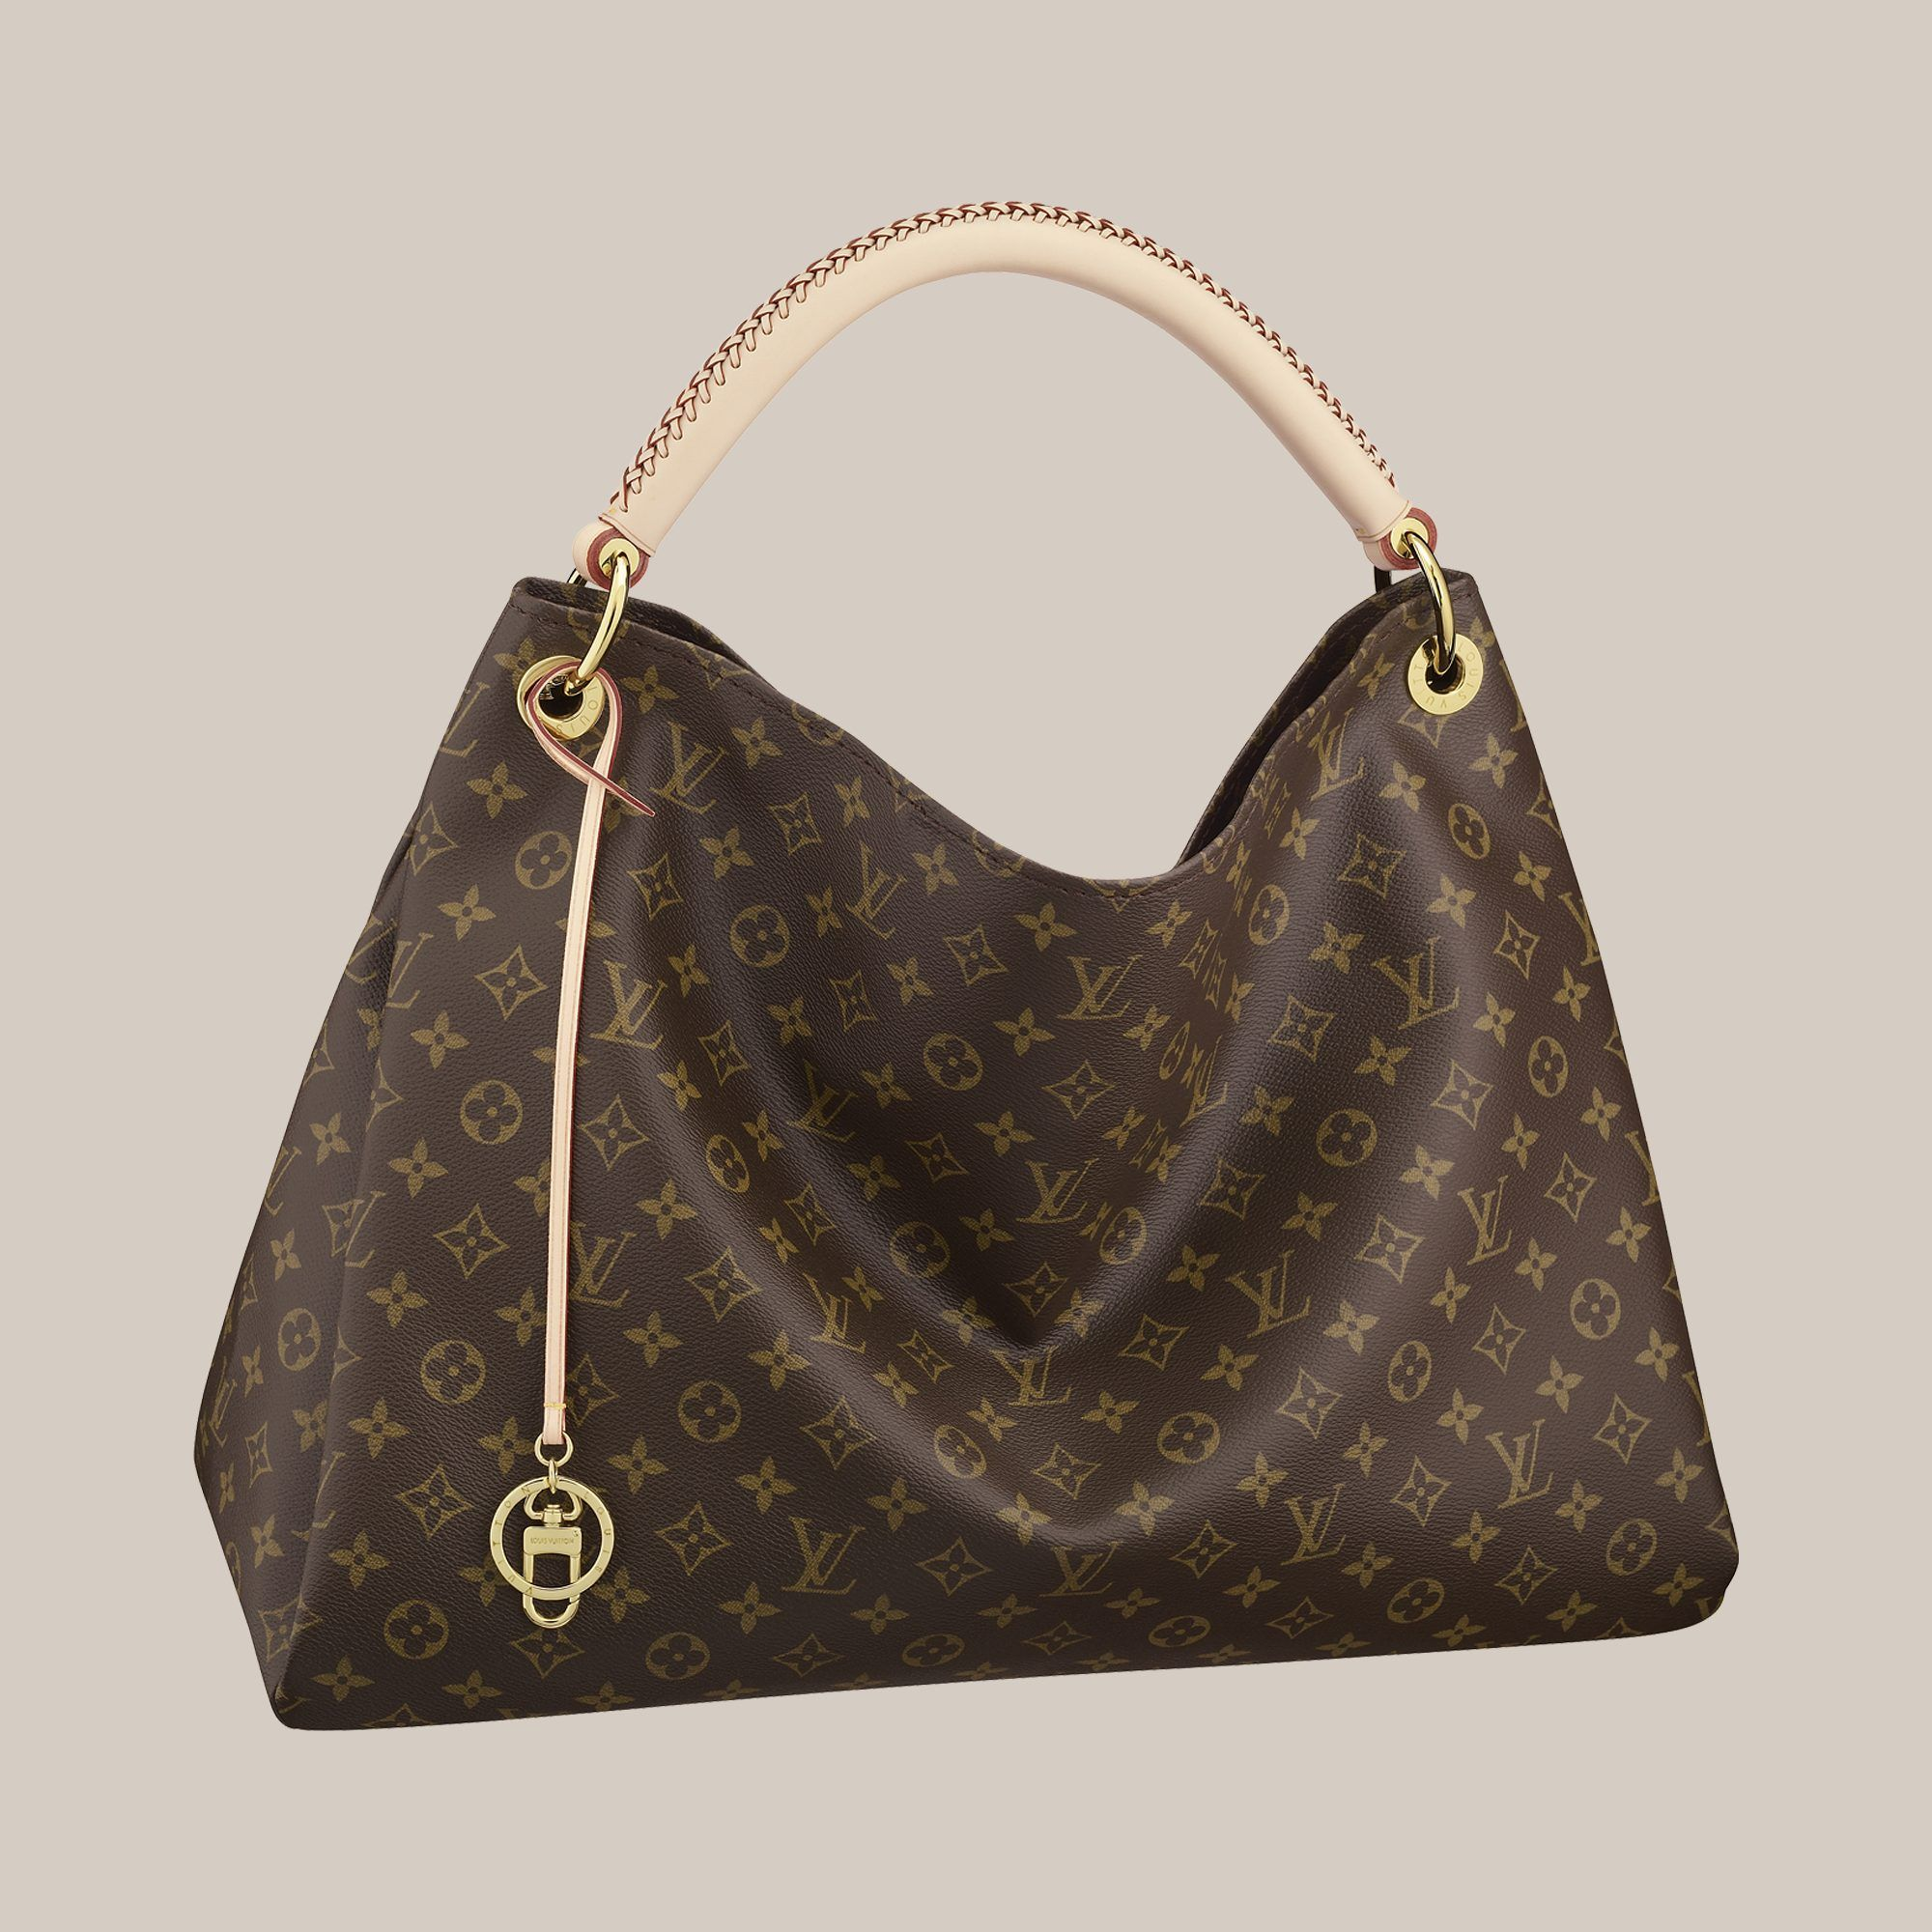 e4611b6856db Louis Vuitton Artsy MM - - Sacs-a-main   Louis Vuitton   Pinterest ...